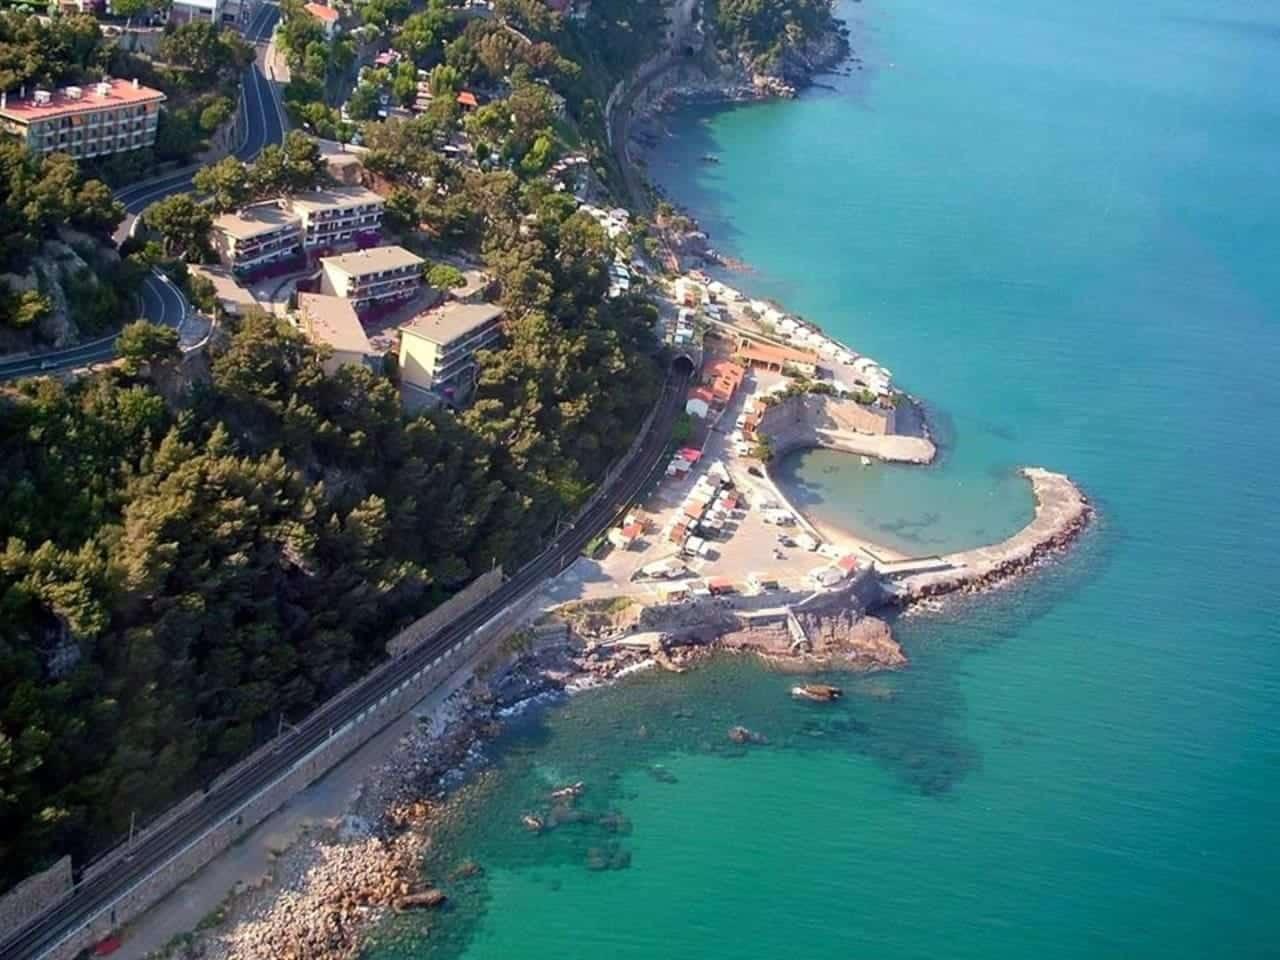 Spiaggia di Capo Mimosa